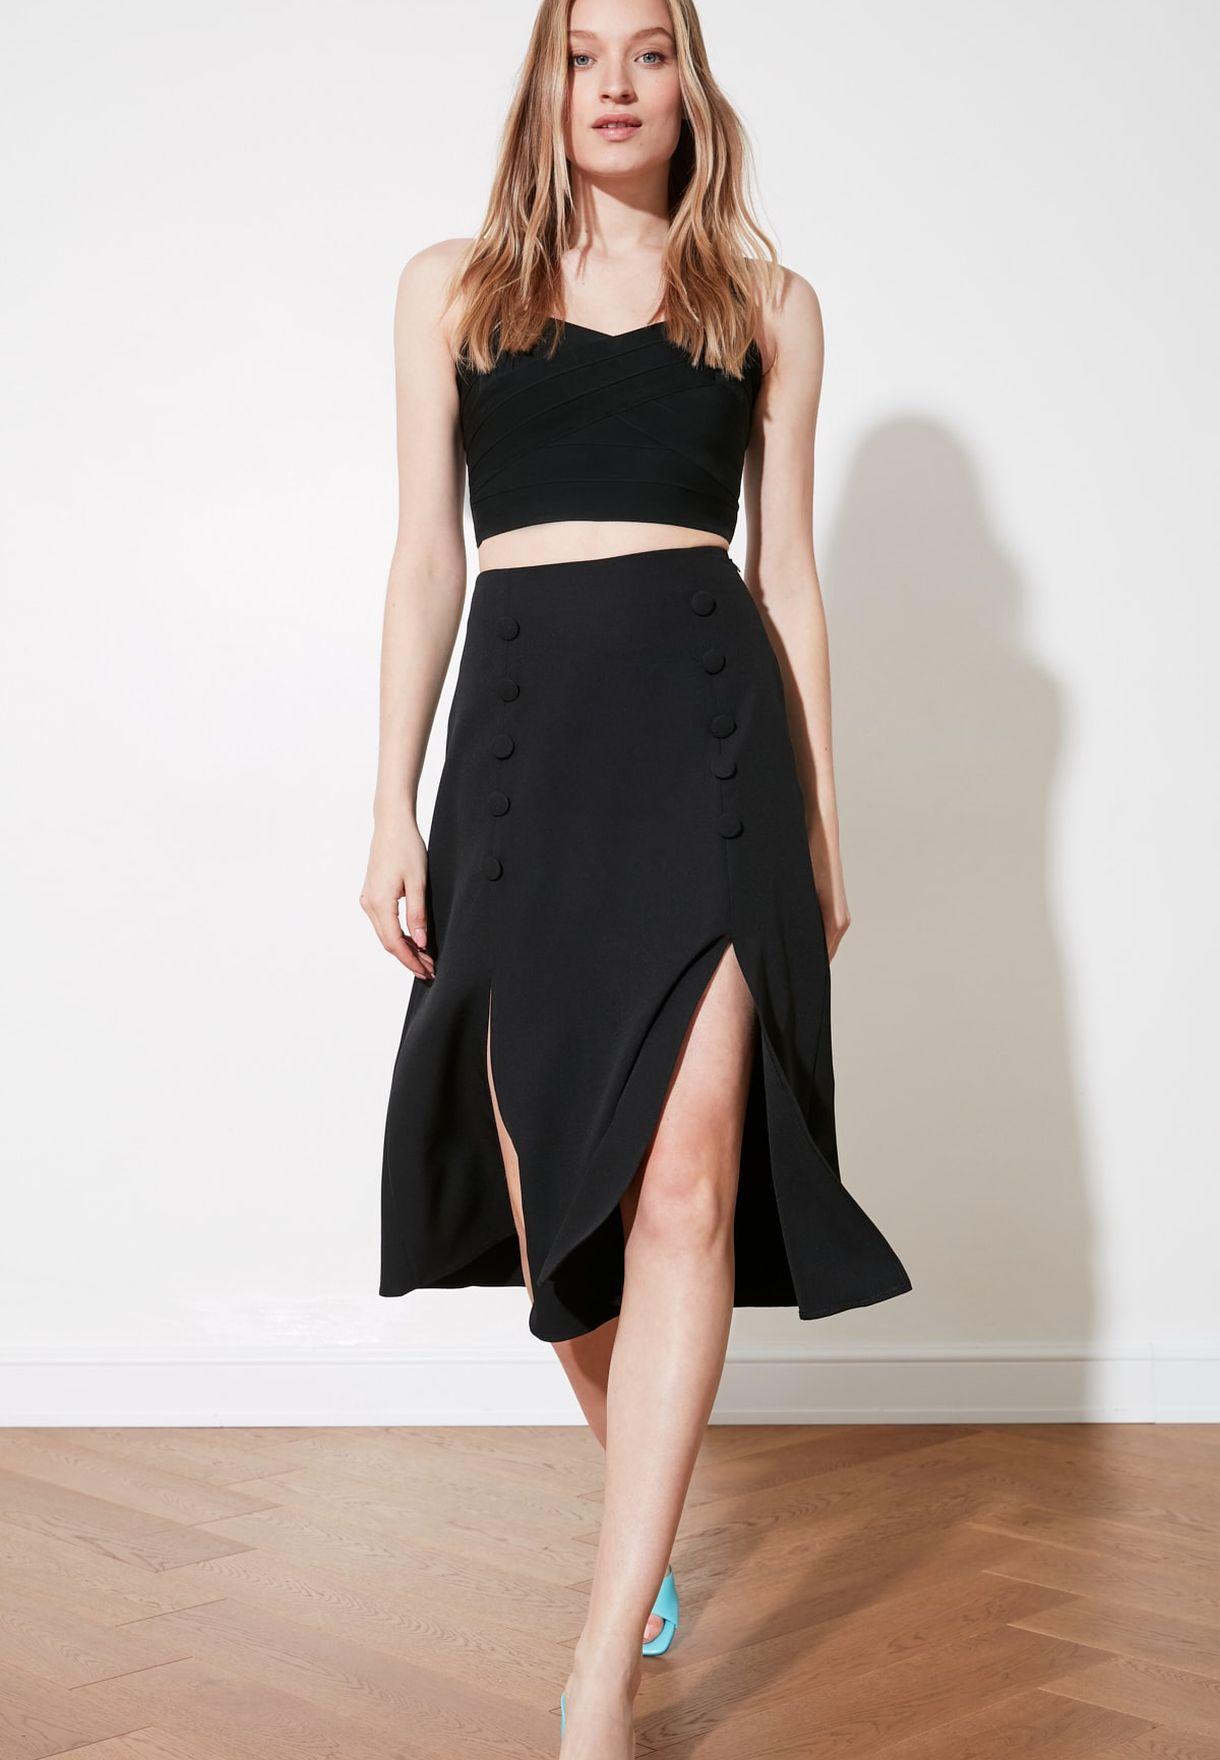 M Slit Skirt